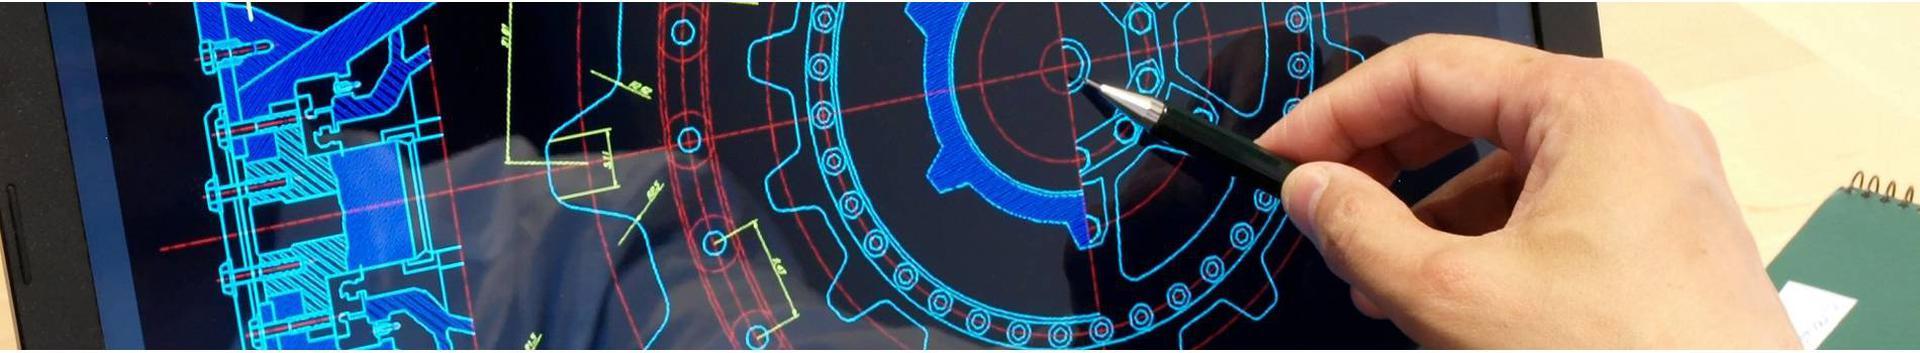 71121_insener-tehniline-projekteerimine_18751935_xl.jpg